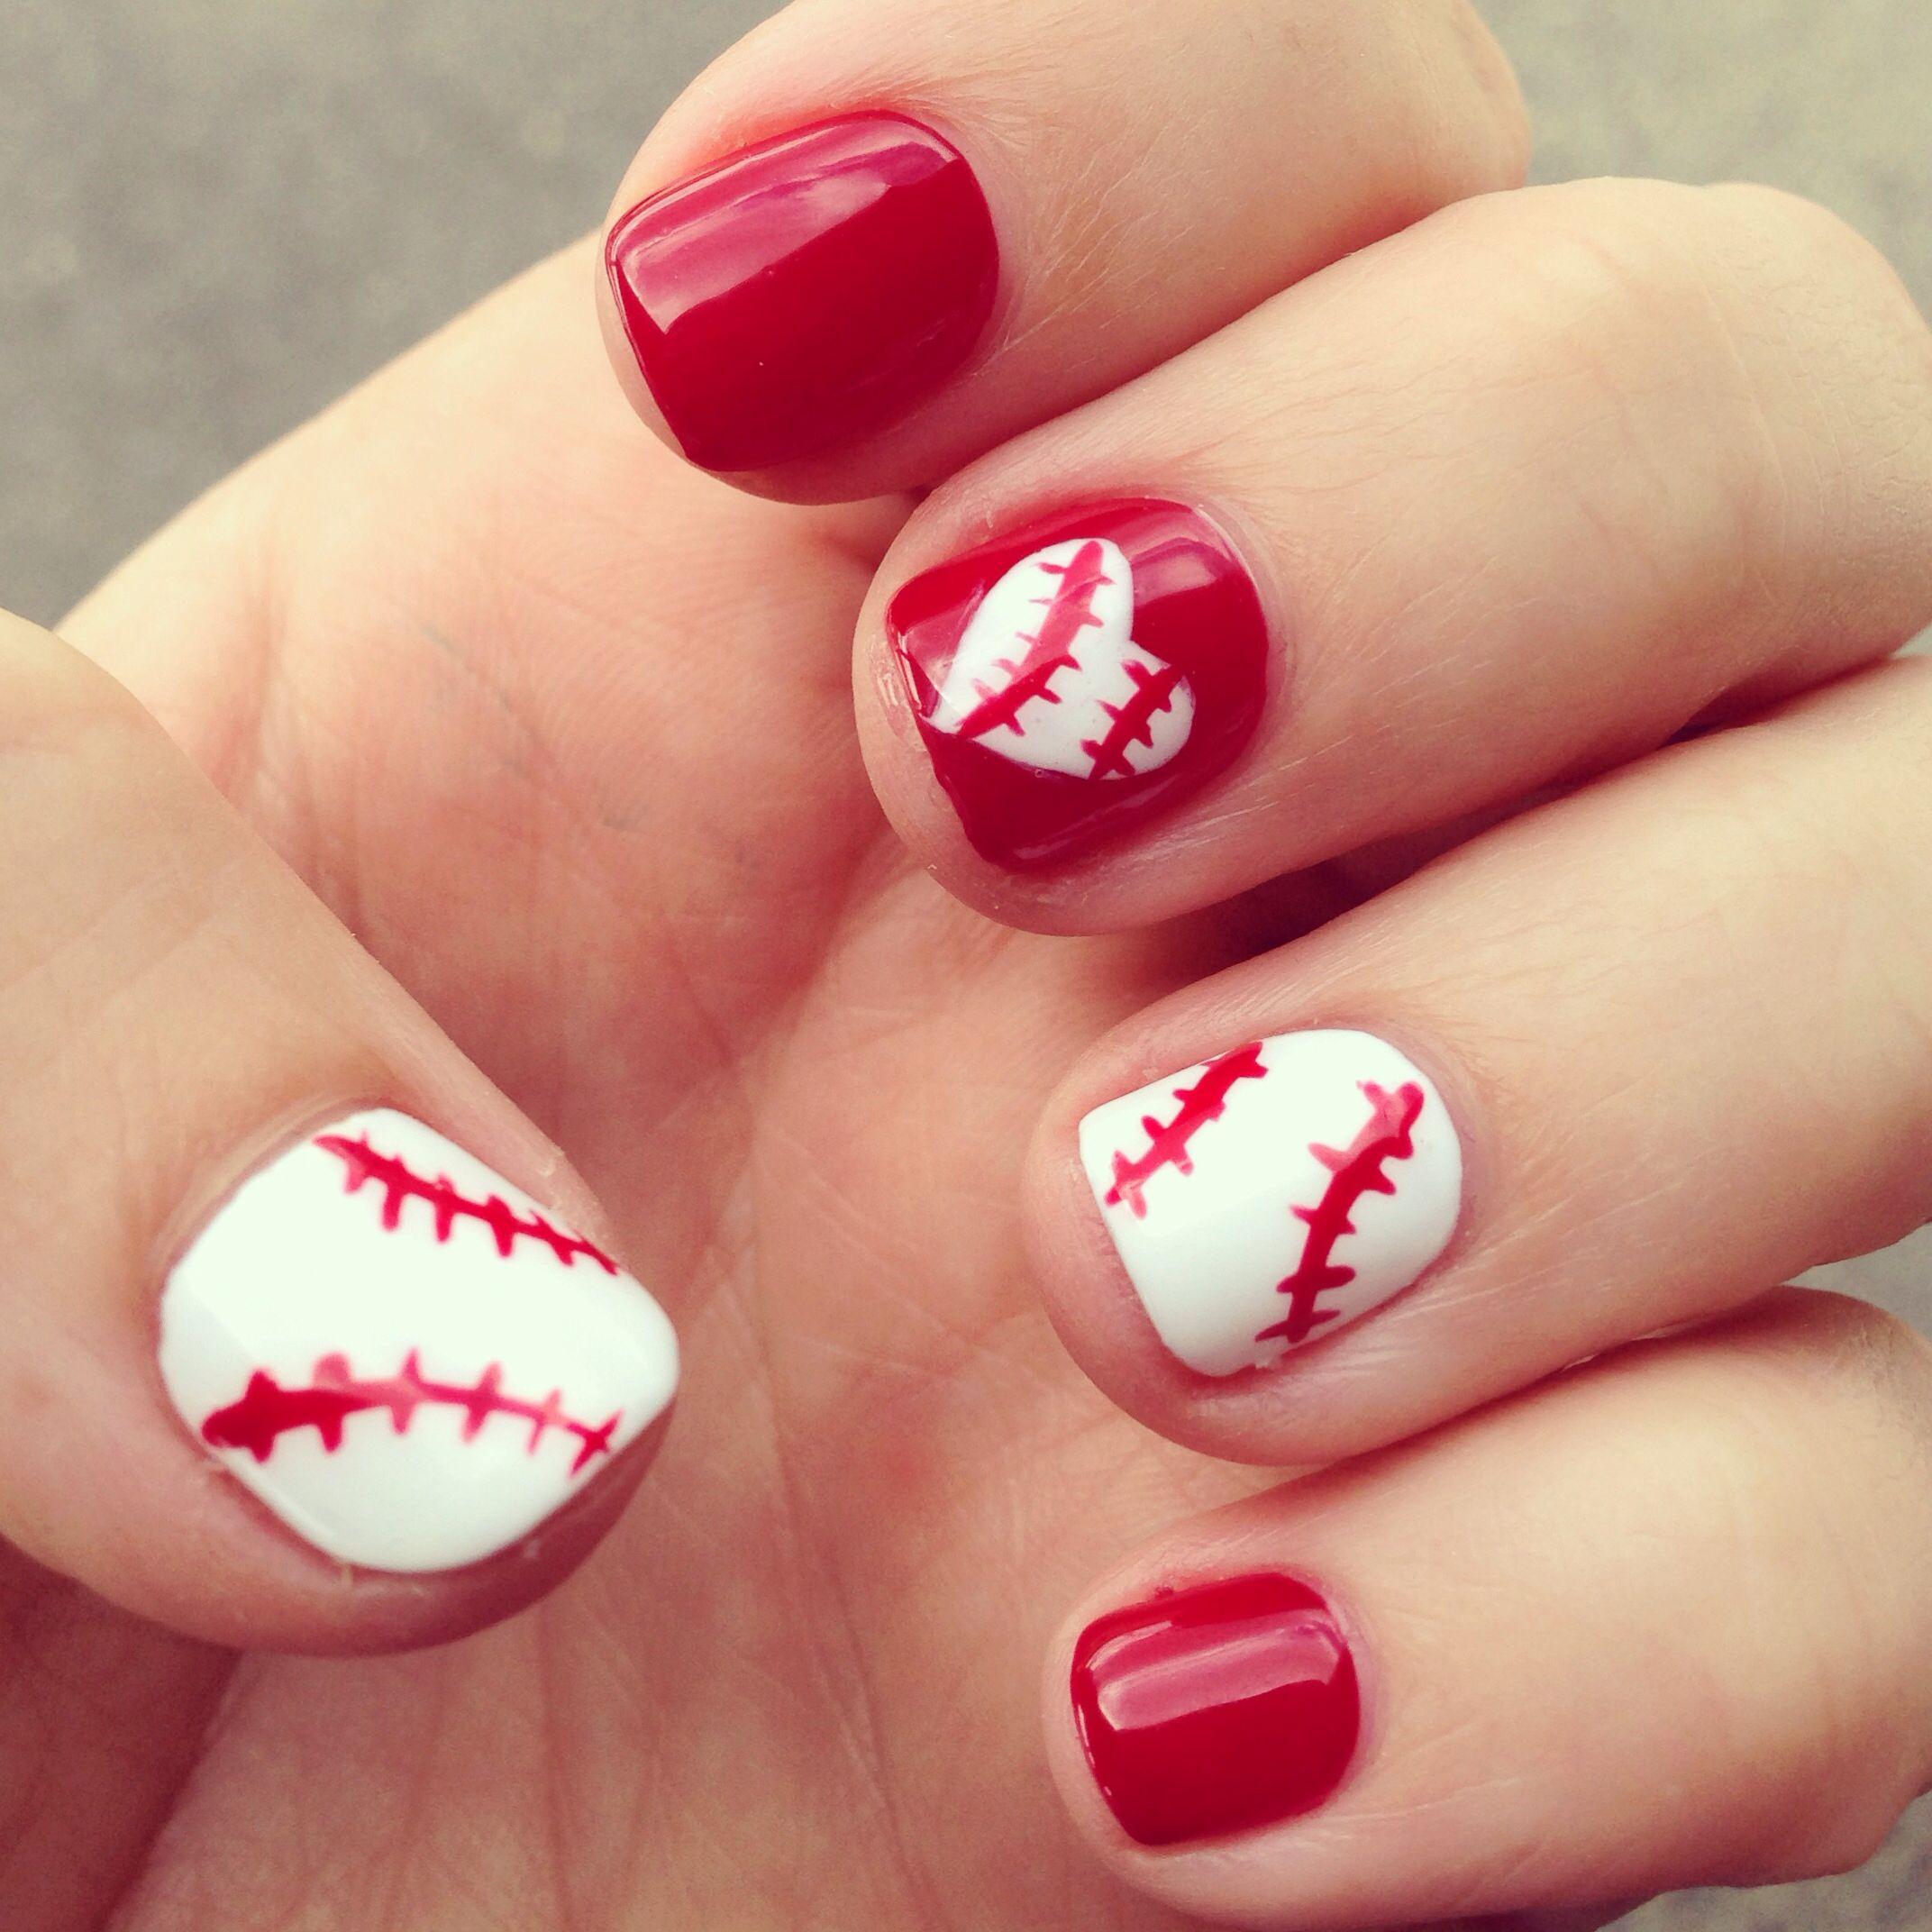 red baseball nails nail's